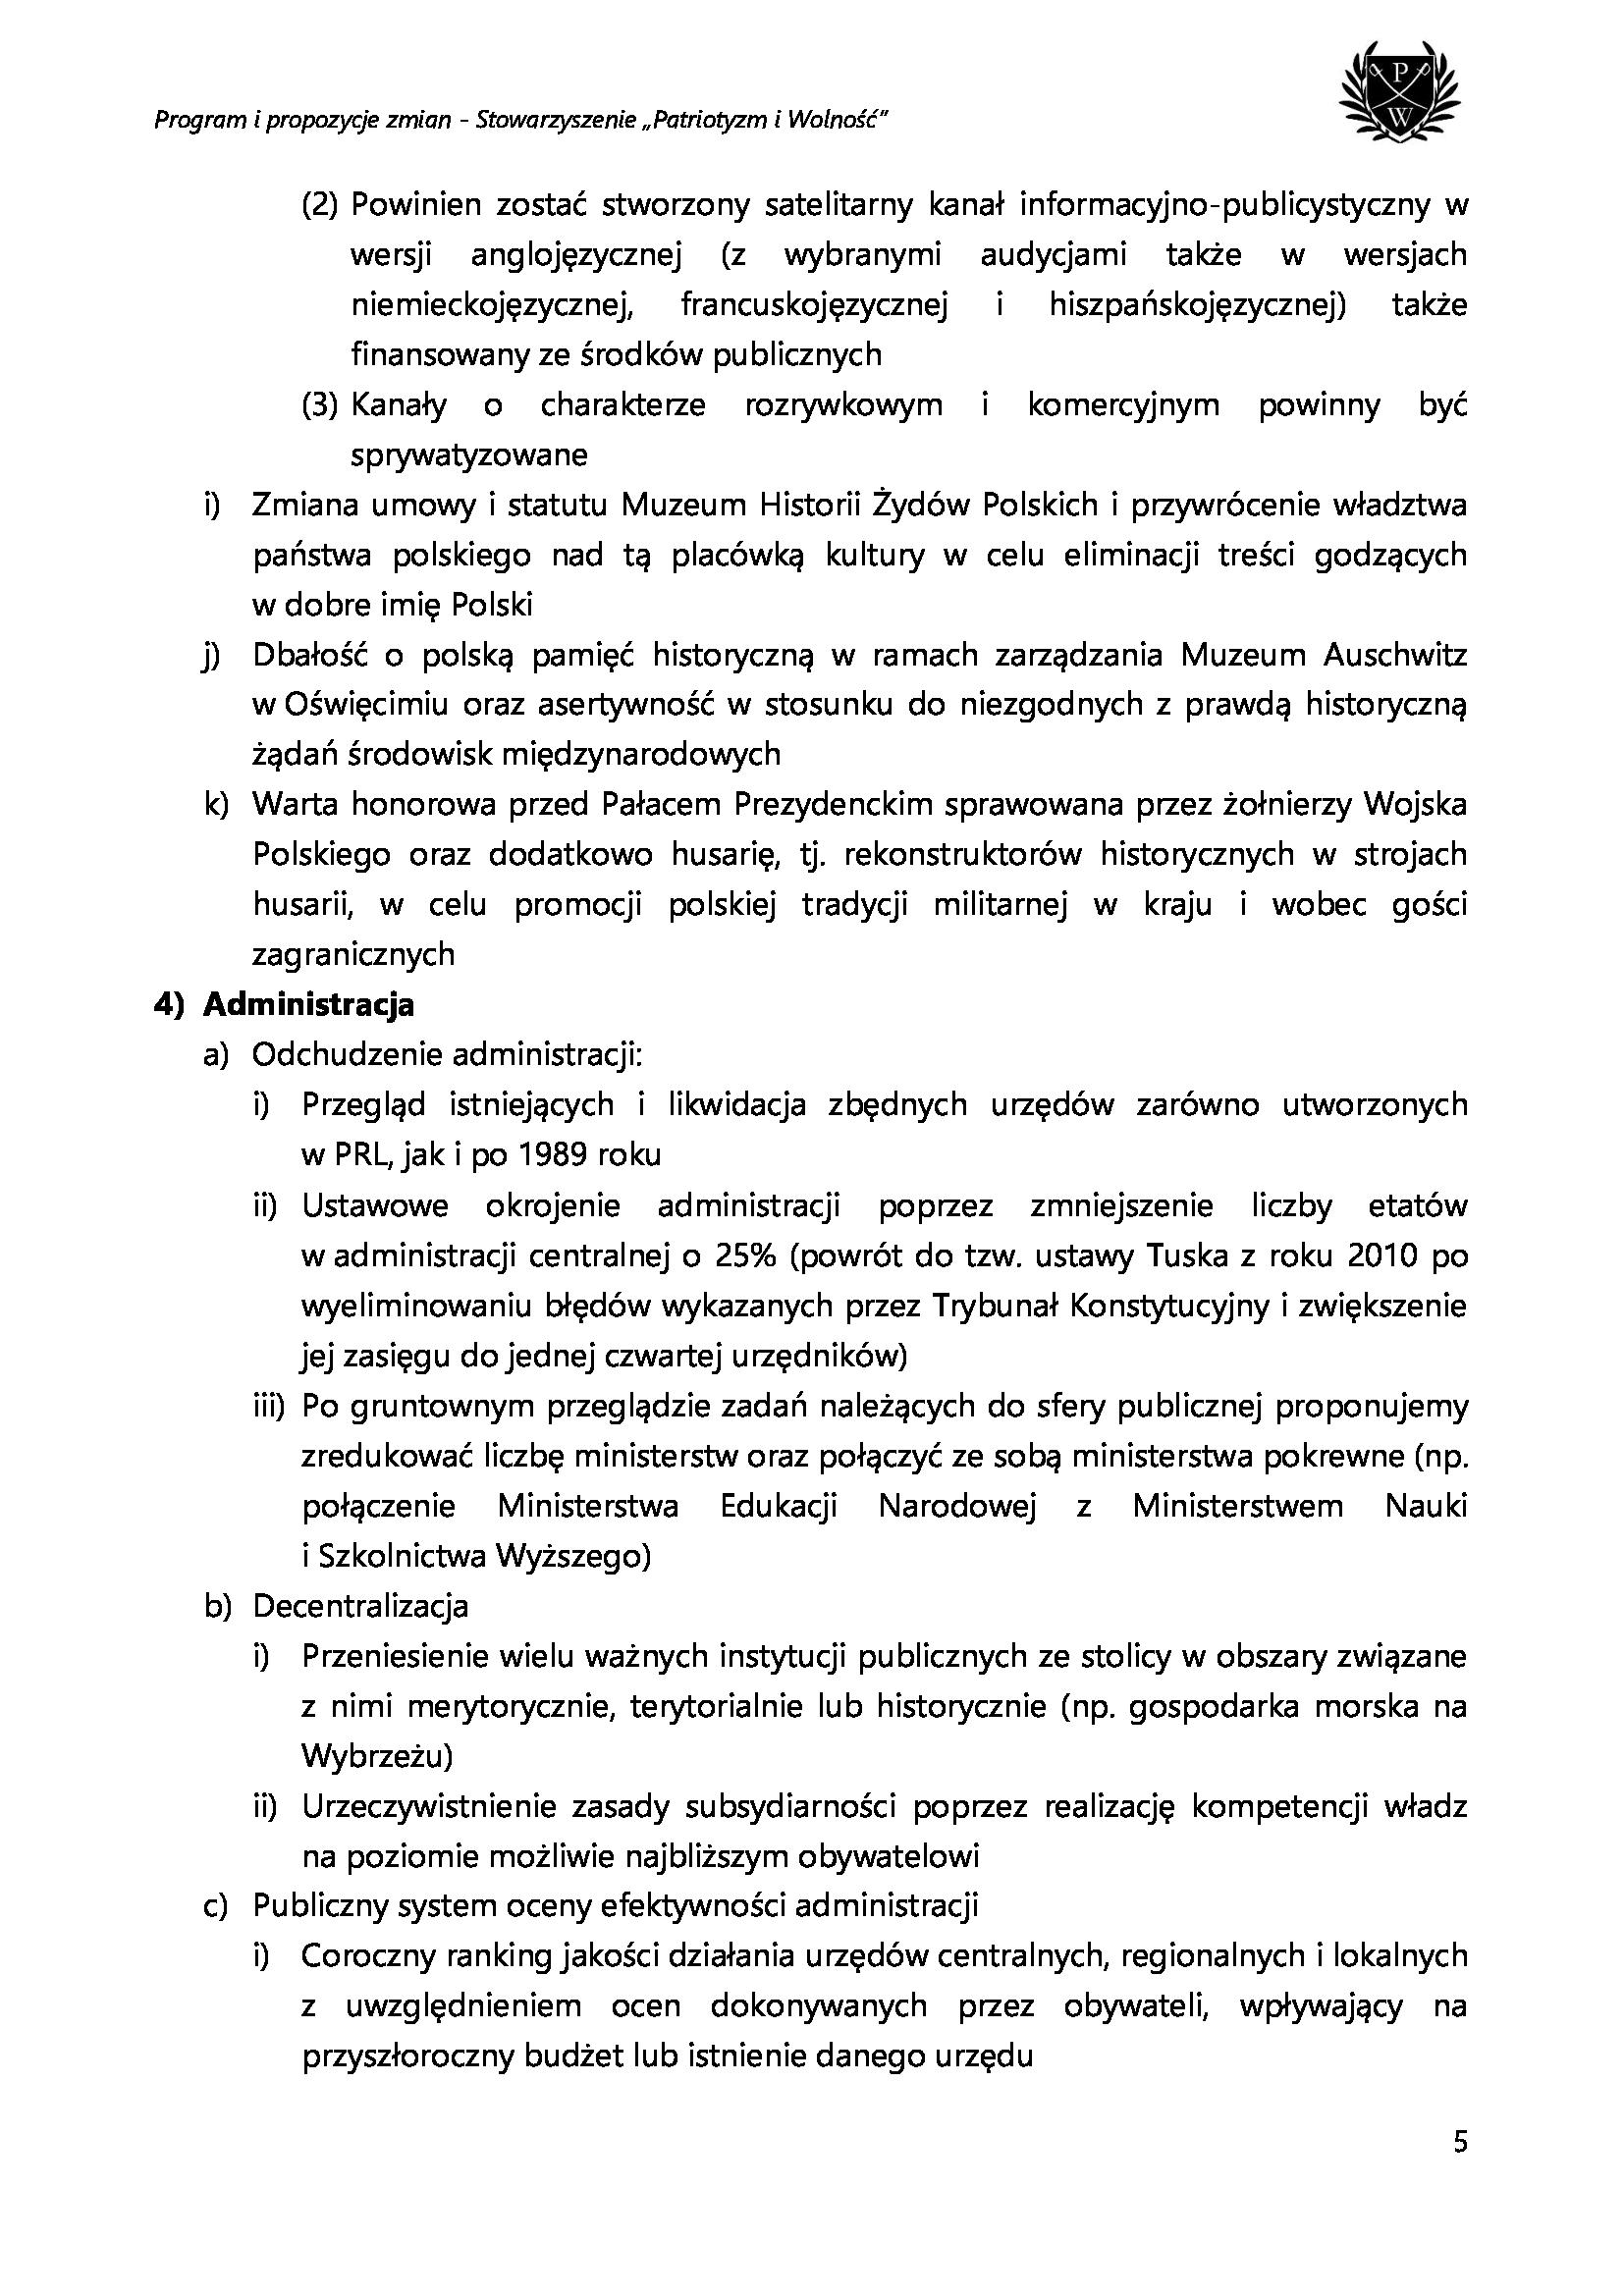 db9e272ef5a9a2e66d26f1905be6c507-5